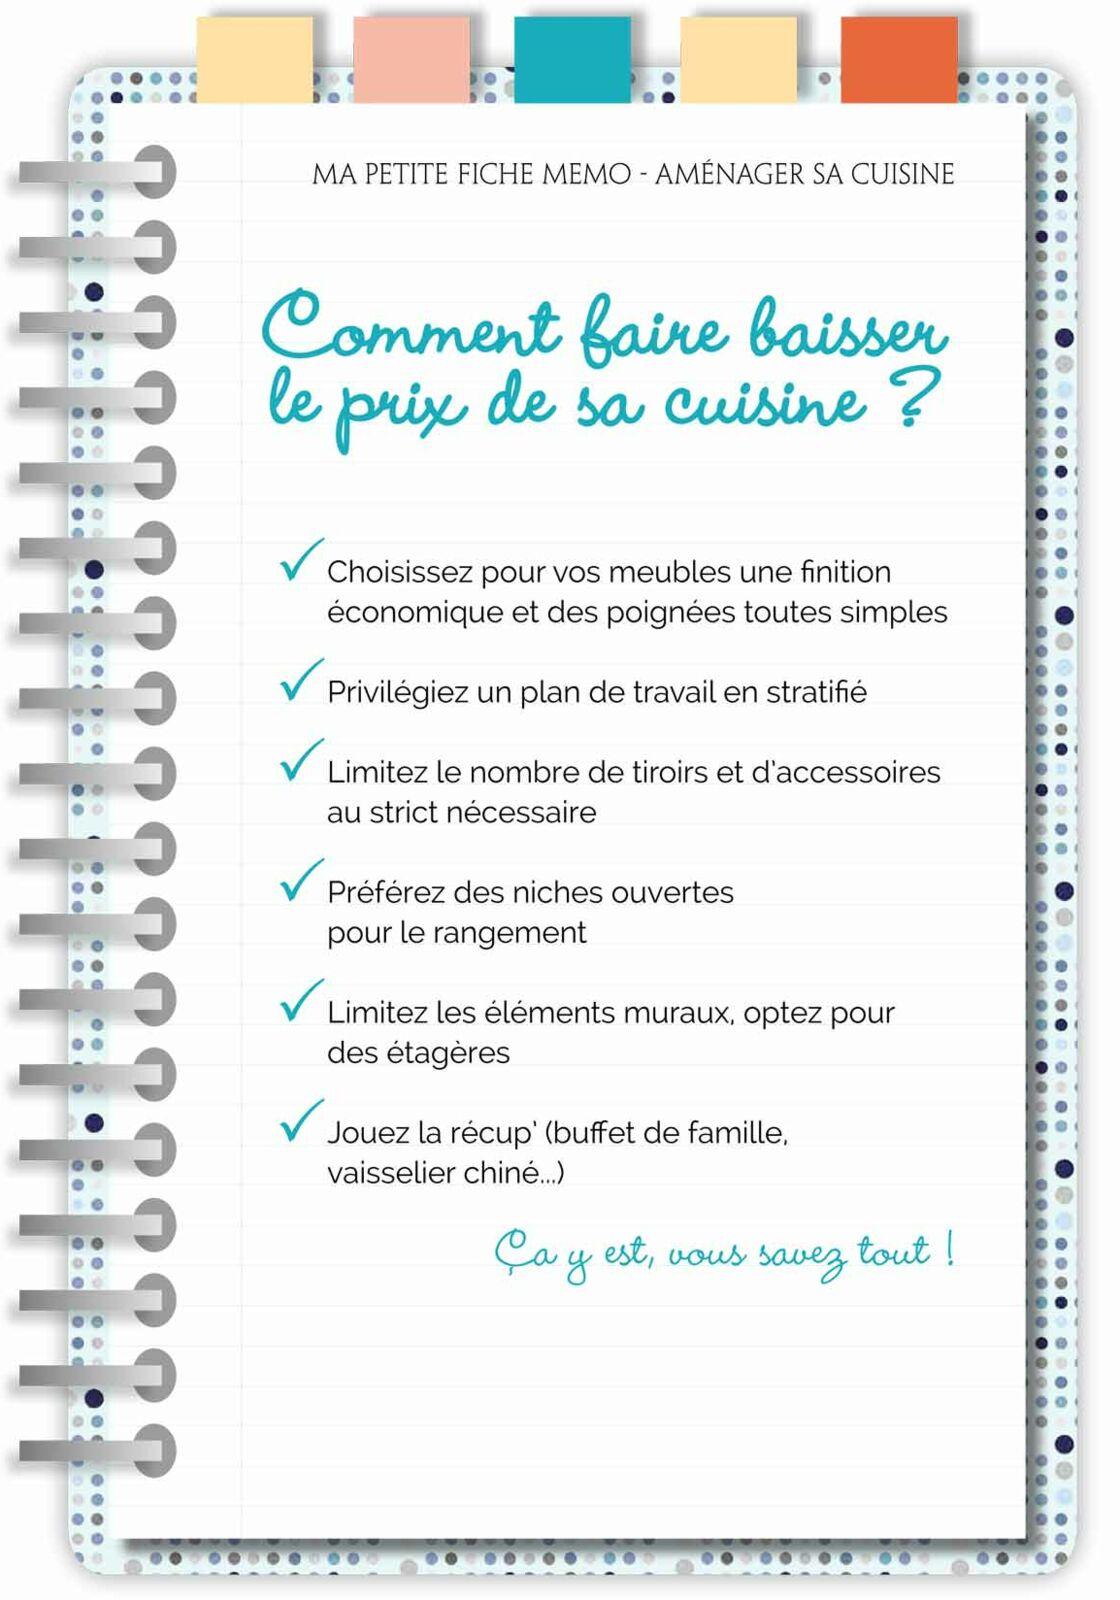 Astuces Pour Une Cuisine Amenagee A Petit Prix Femme Actuelle Le Mag